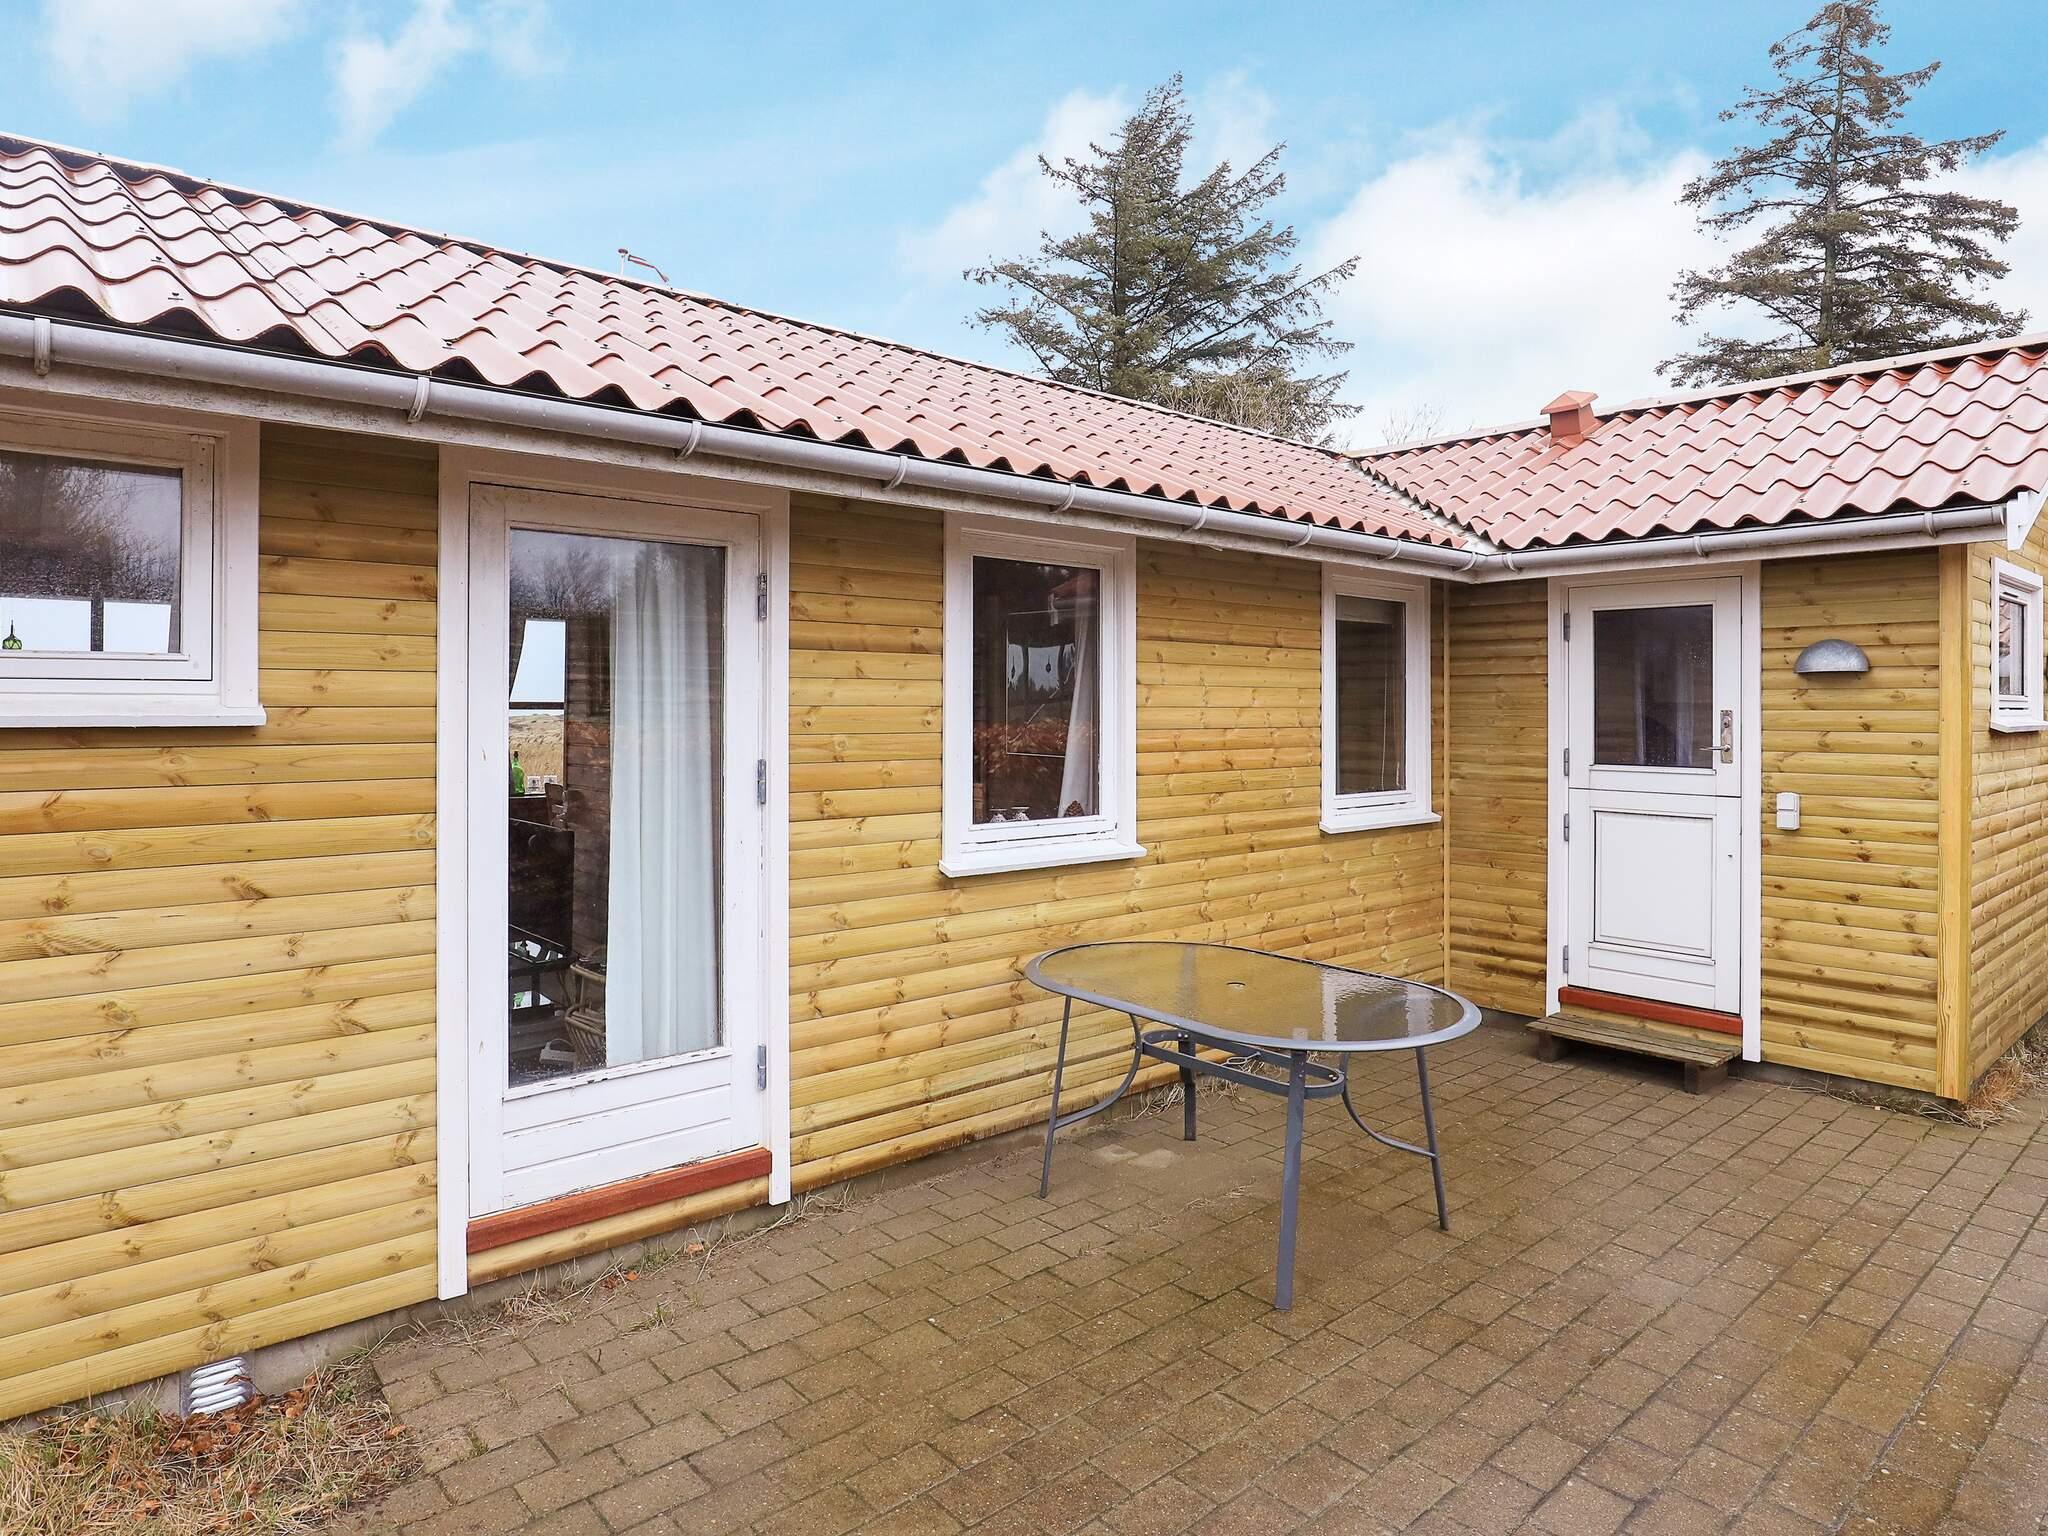 Ferienhaus Kjul Strand (2595175), Hirtshals, , Nordwestjütland, Dänemark, Bild 17